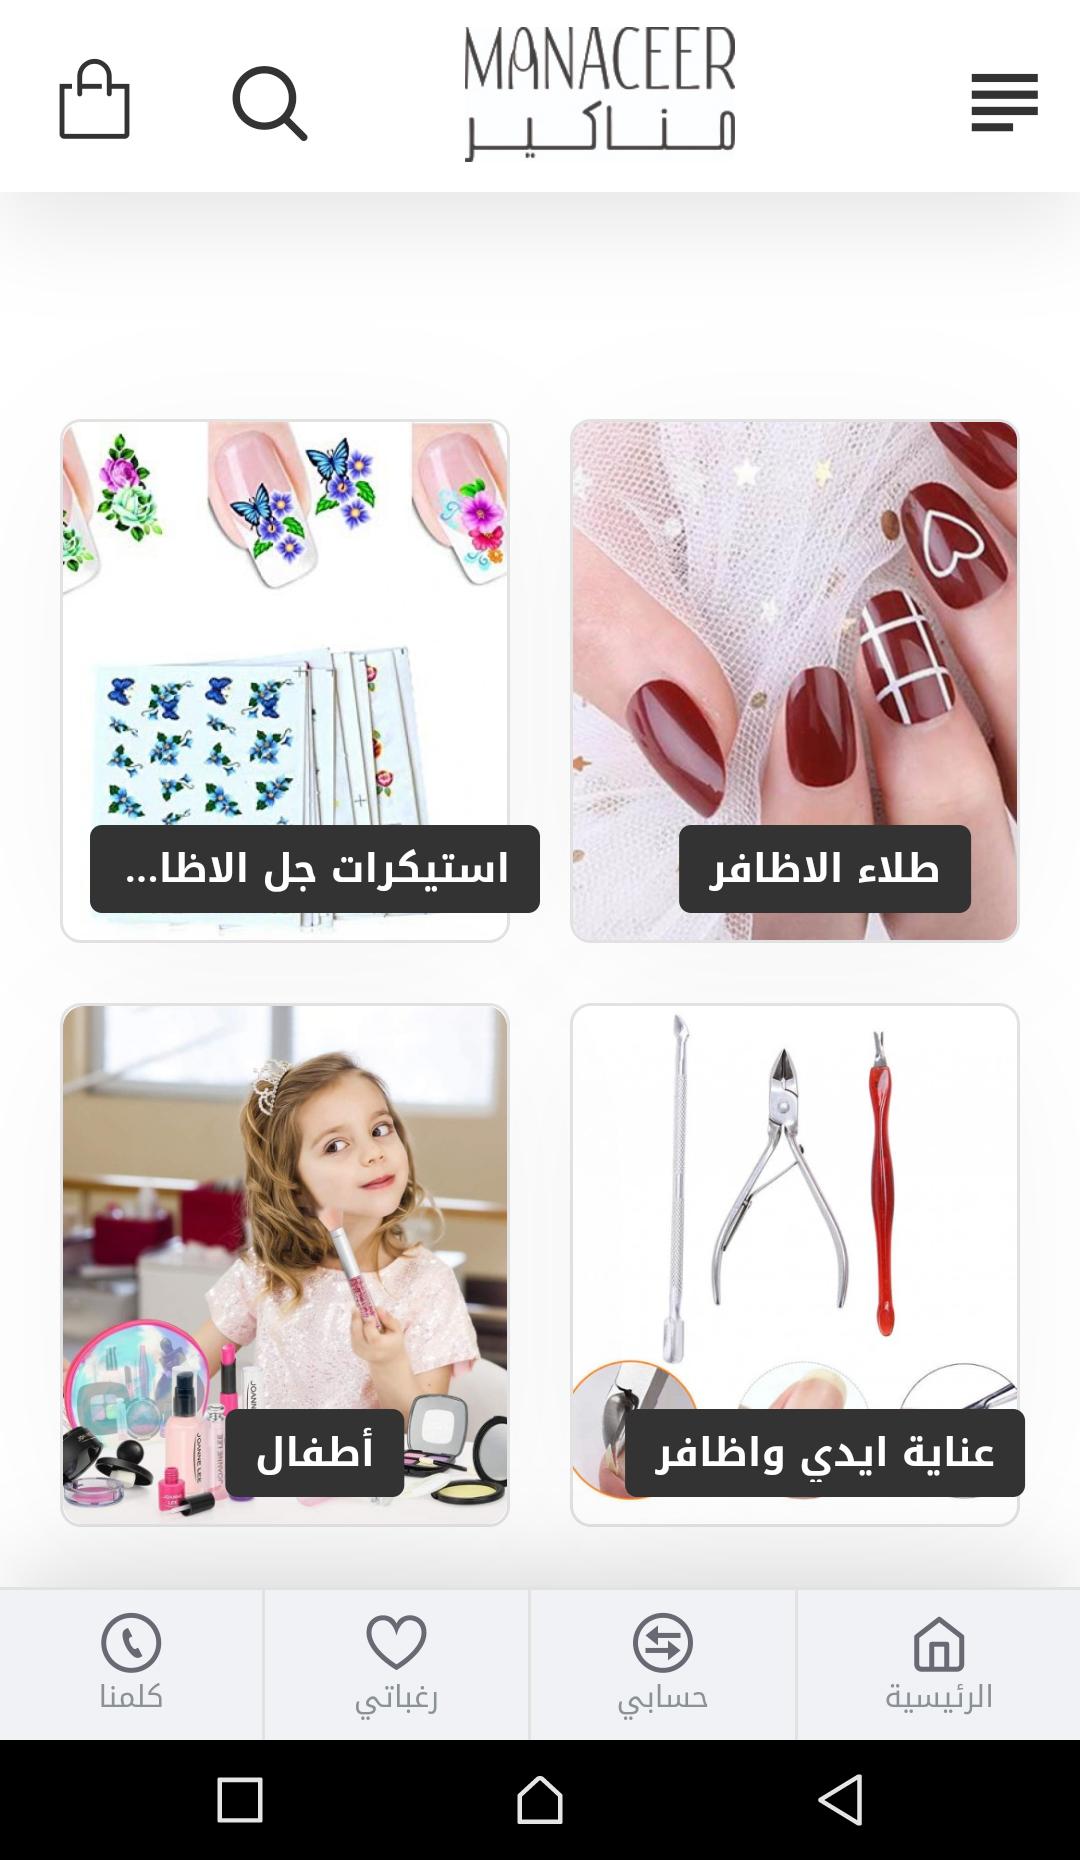 برمجه وتصميم متجر مناكير Manaceer